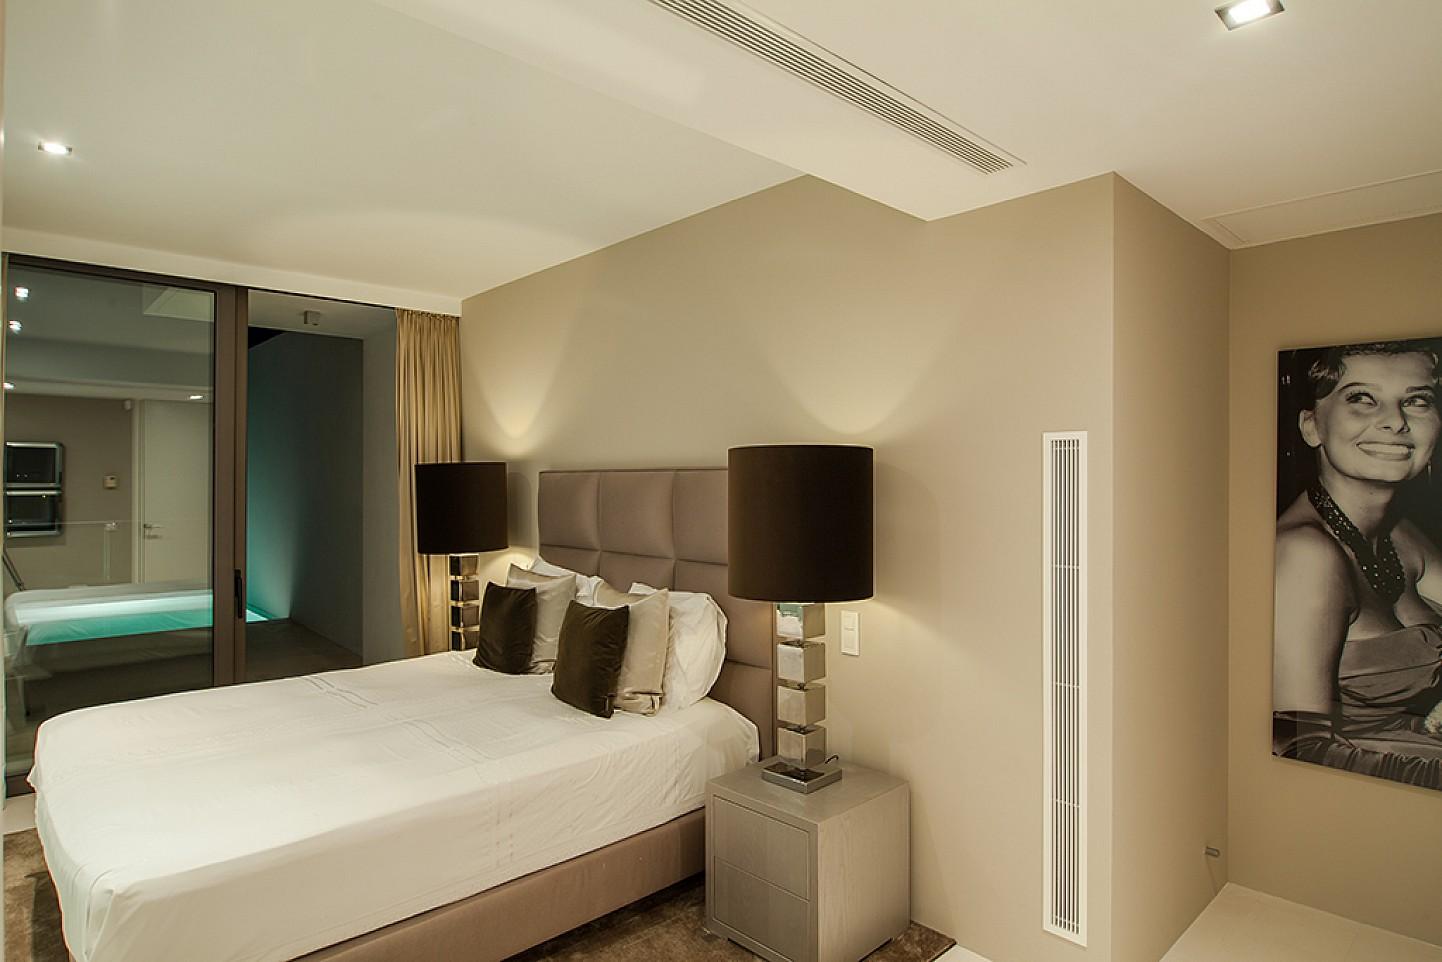 Dormitori amb sortida a la piscina d'una impressionant vila de luxe en lloguer a Es Cubells, Eivissa